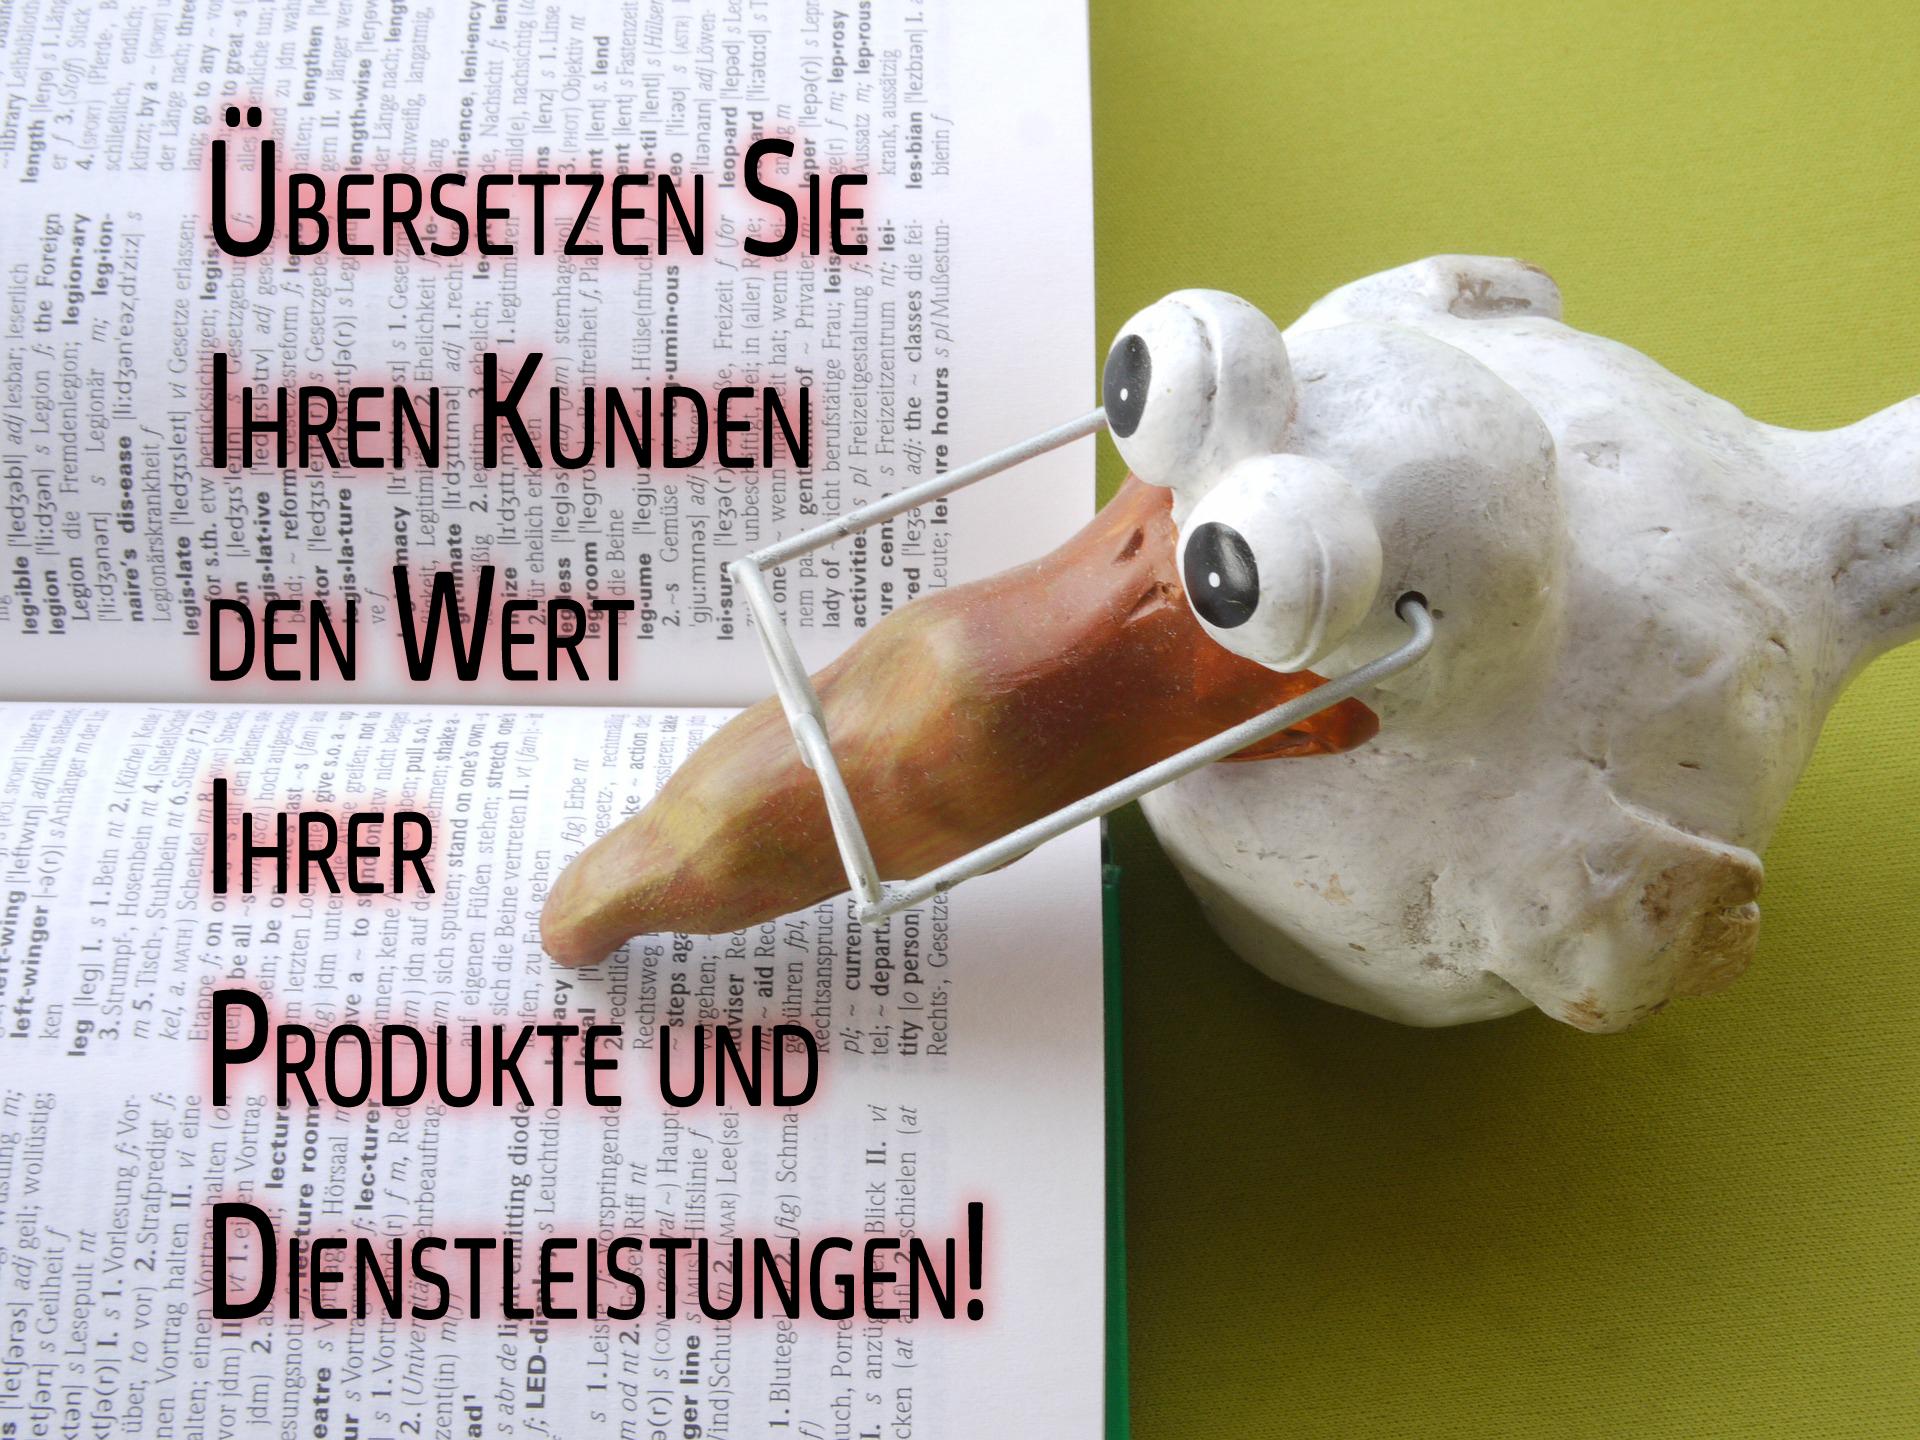 Sie müssen Ihren Kunden den Wert Ihres Produktes übersetzen!